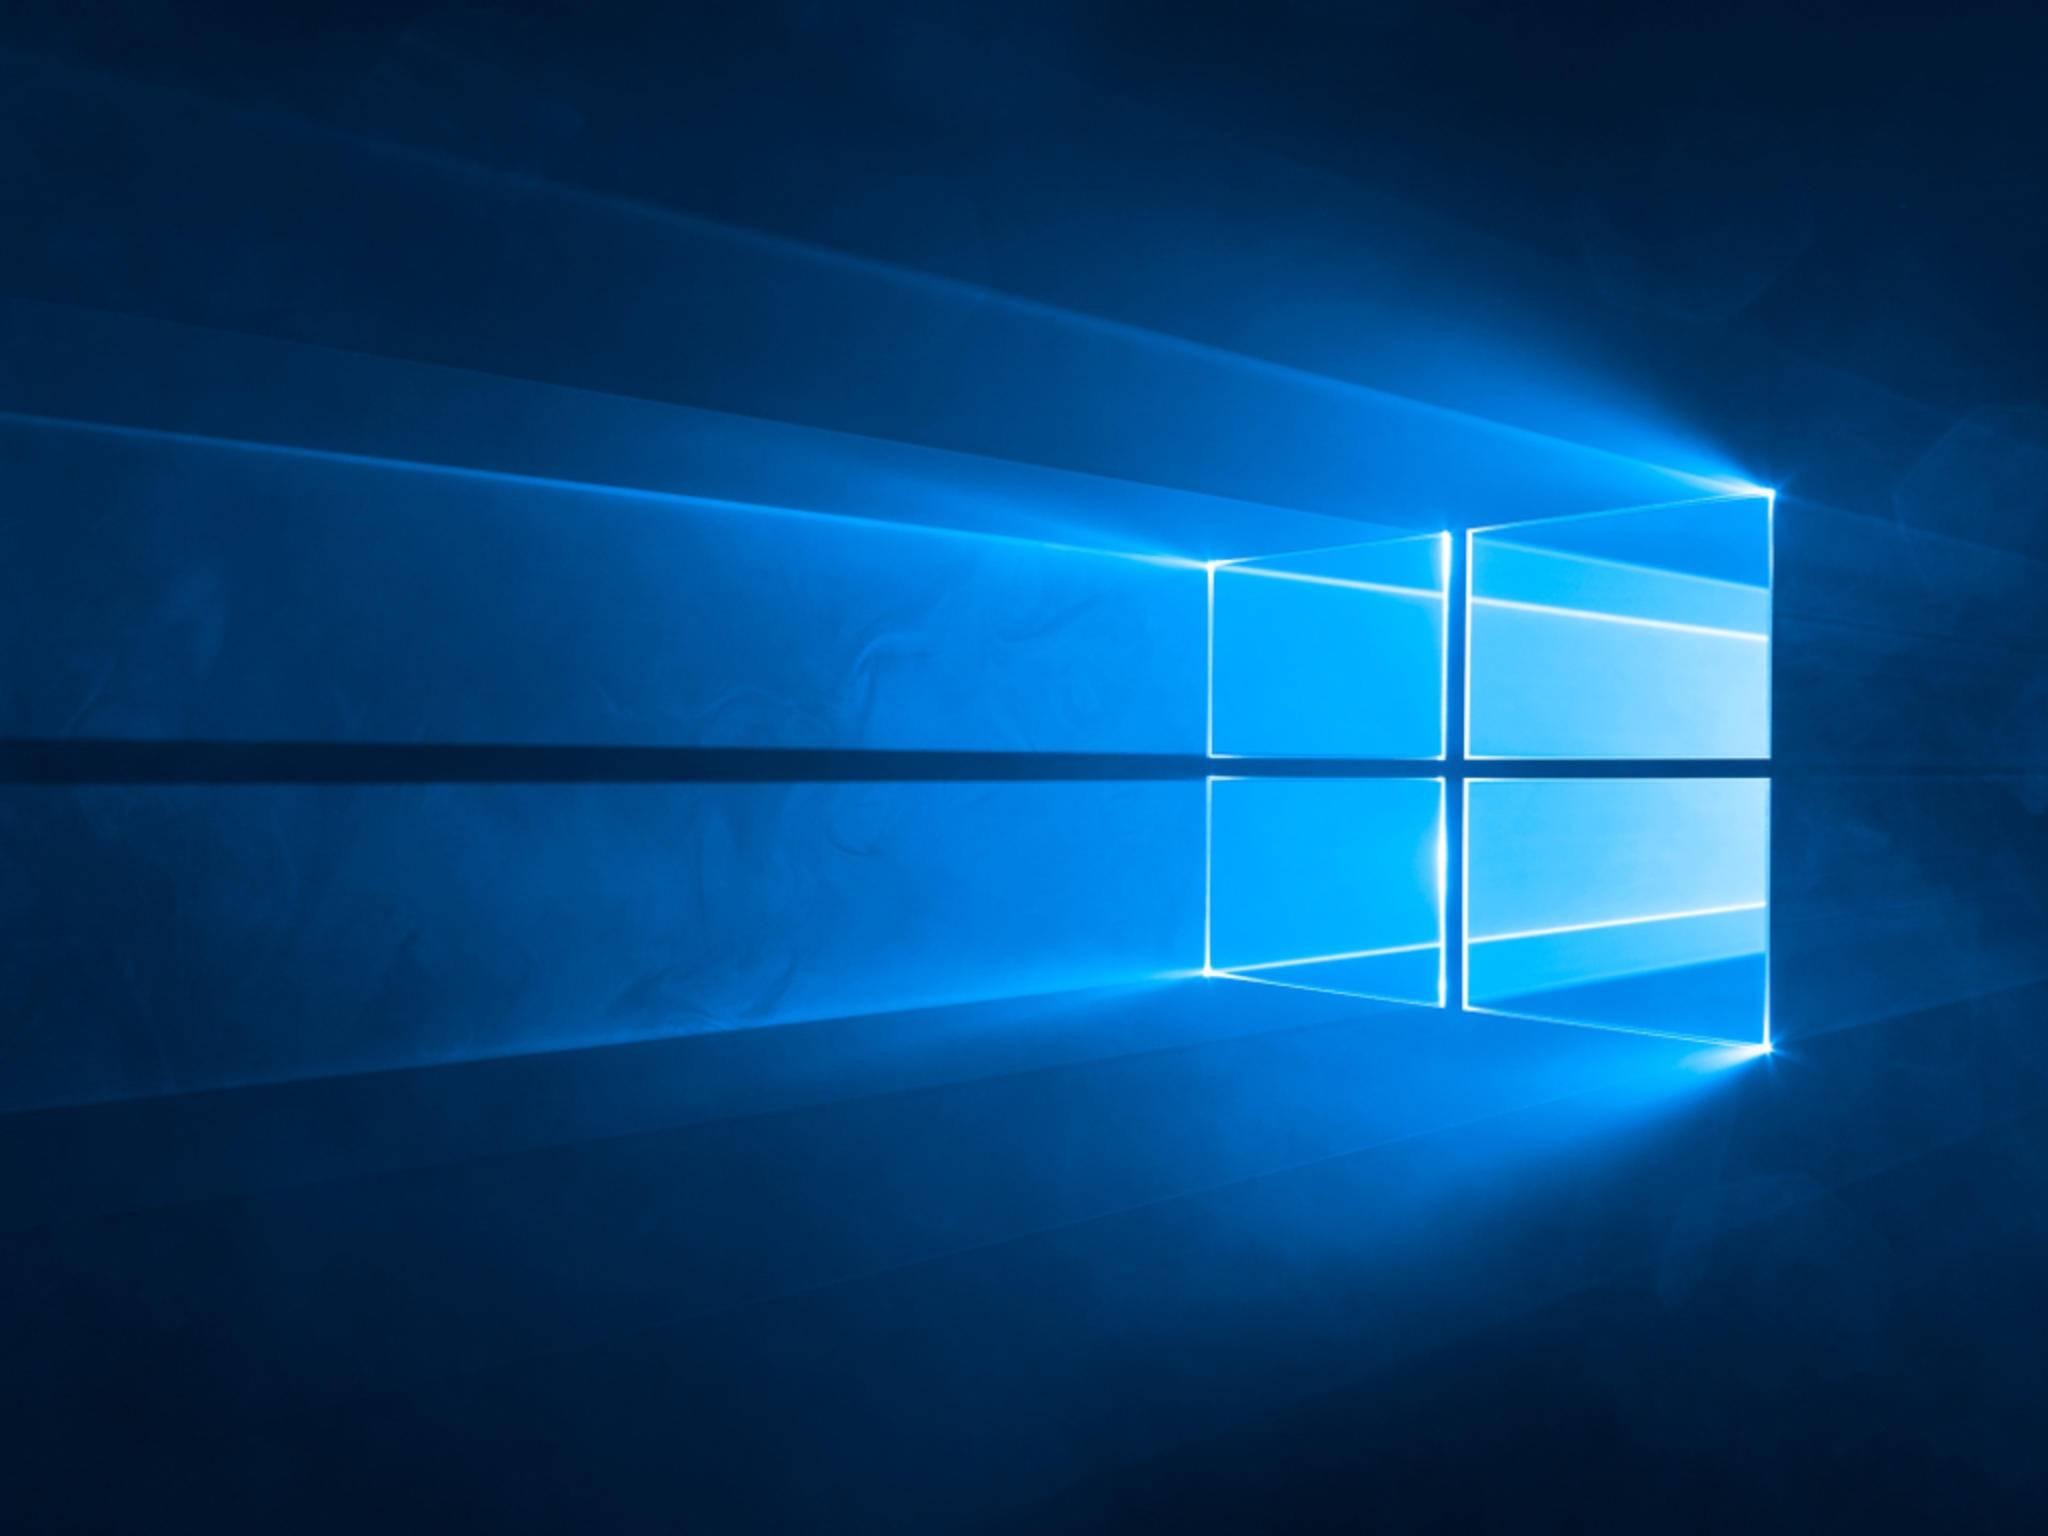 Das Windows 10 Anniversary Update kommt mit manchen Webcams nicht gut klar.